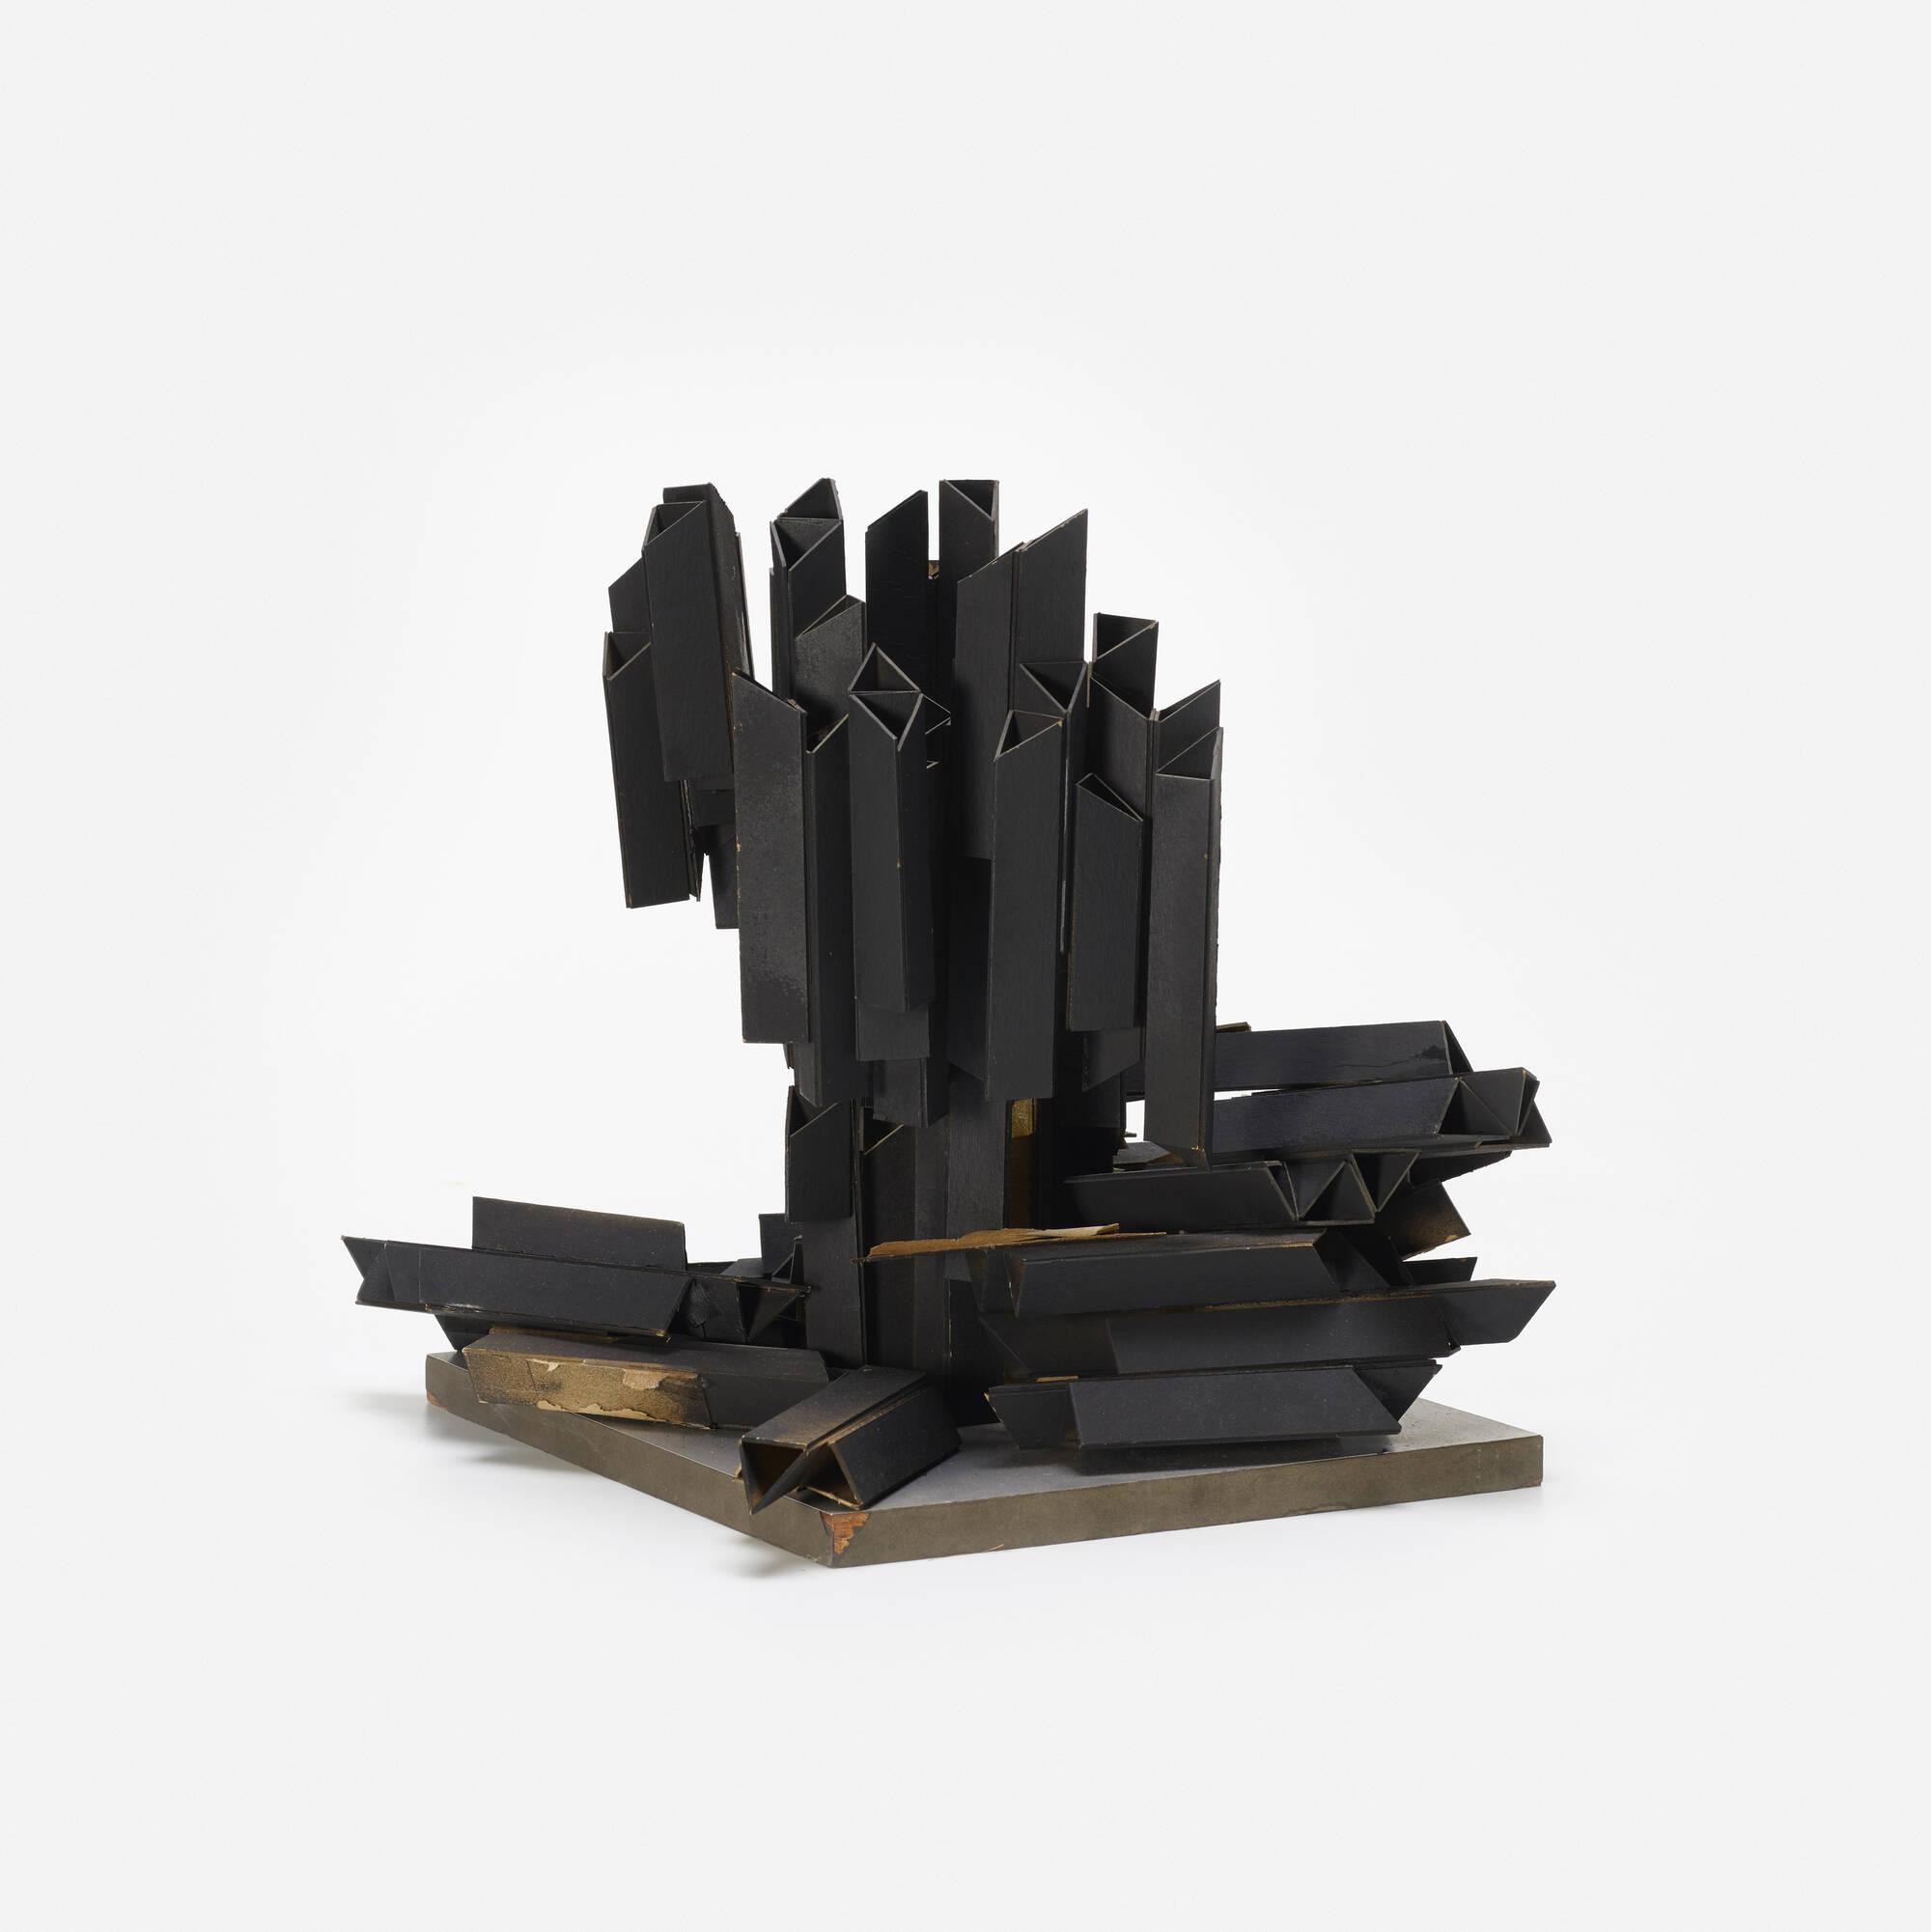 322: Irving Harper / Untitled (1 of 1)